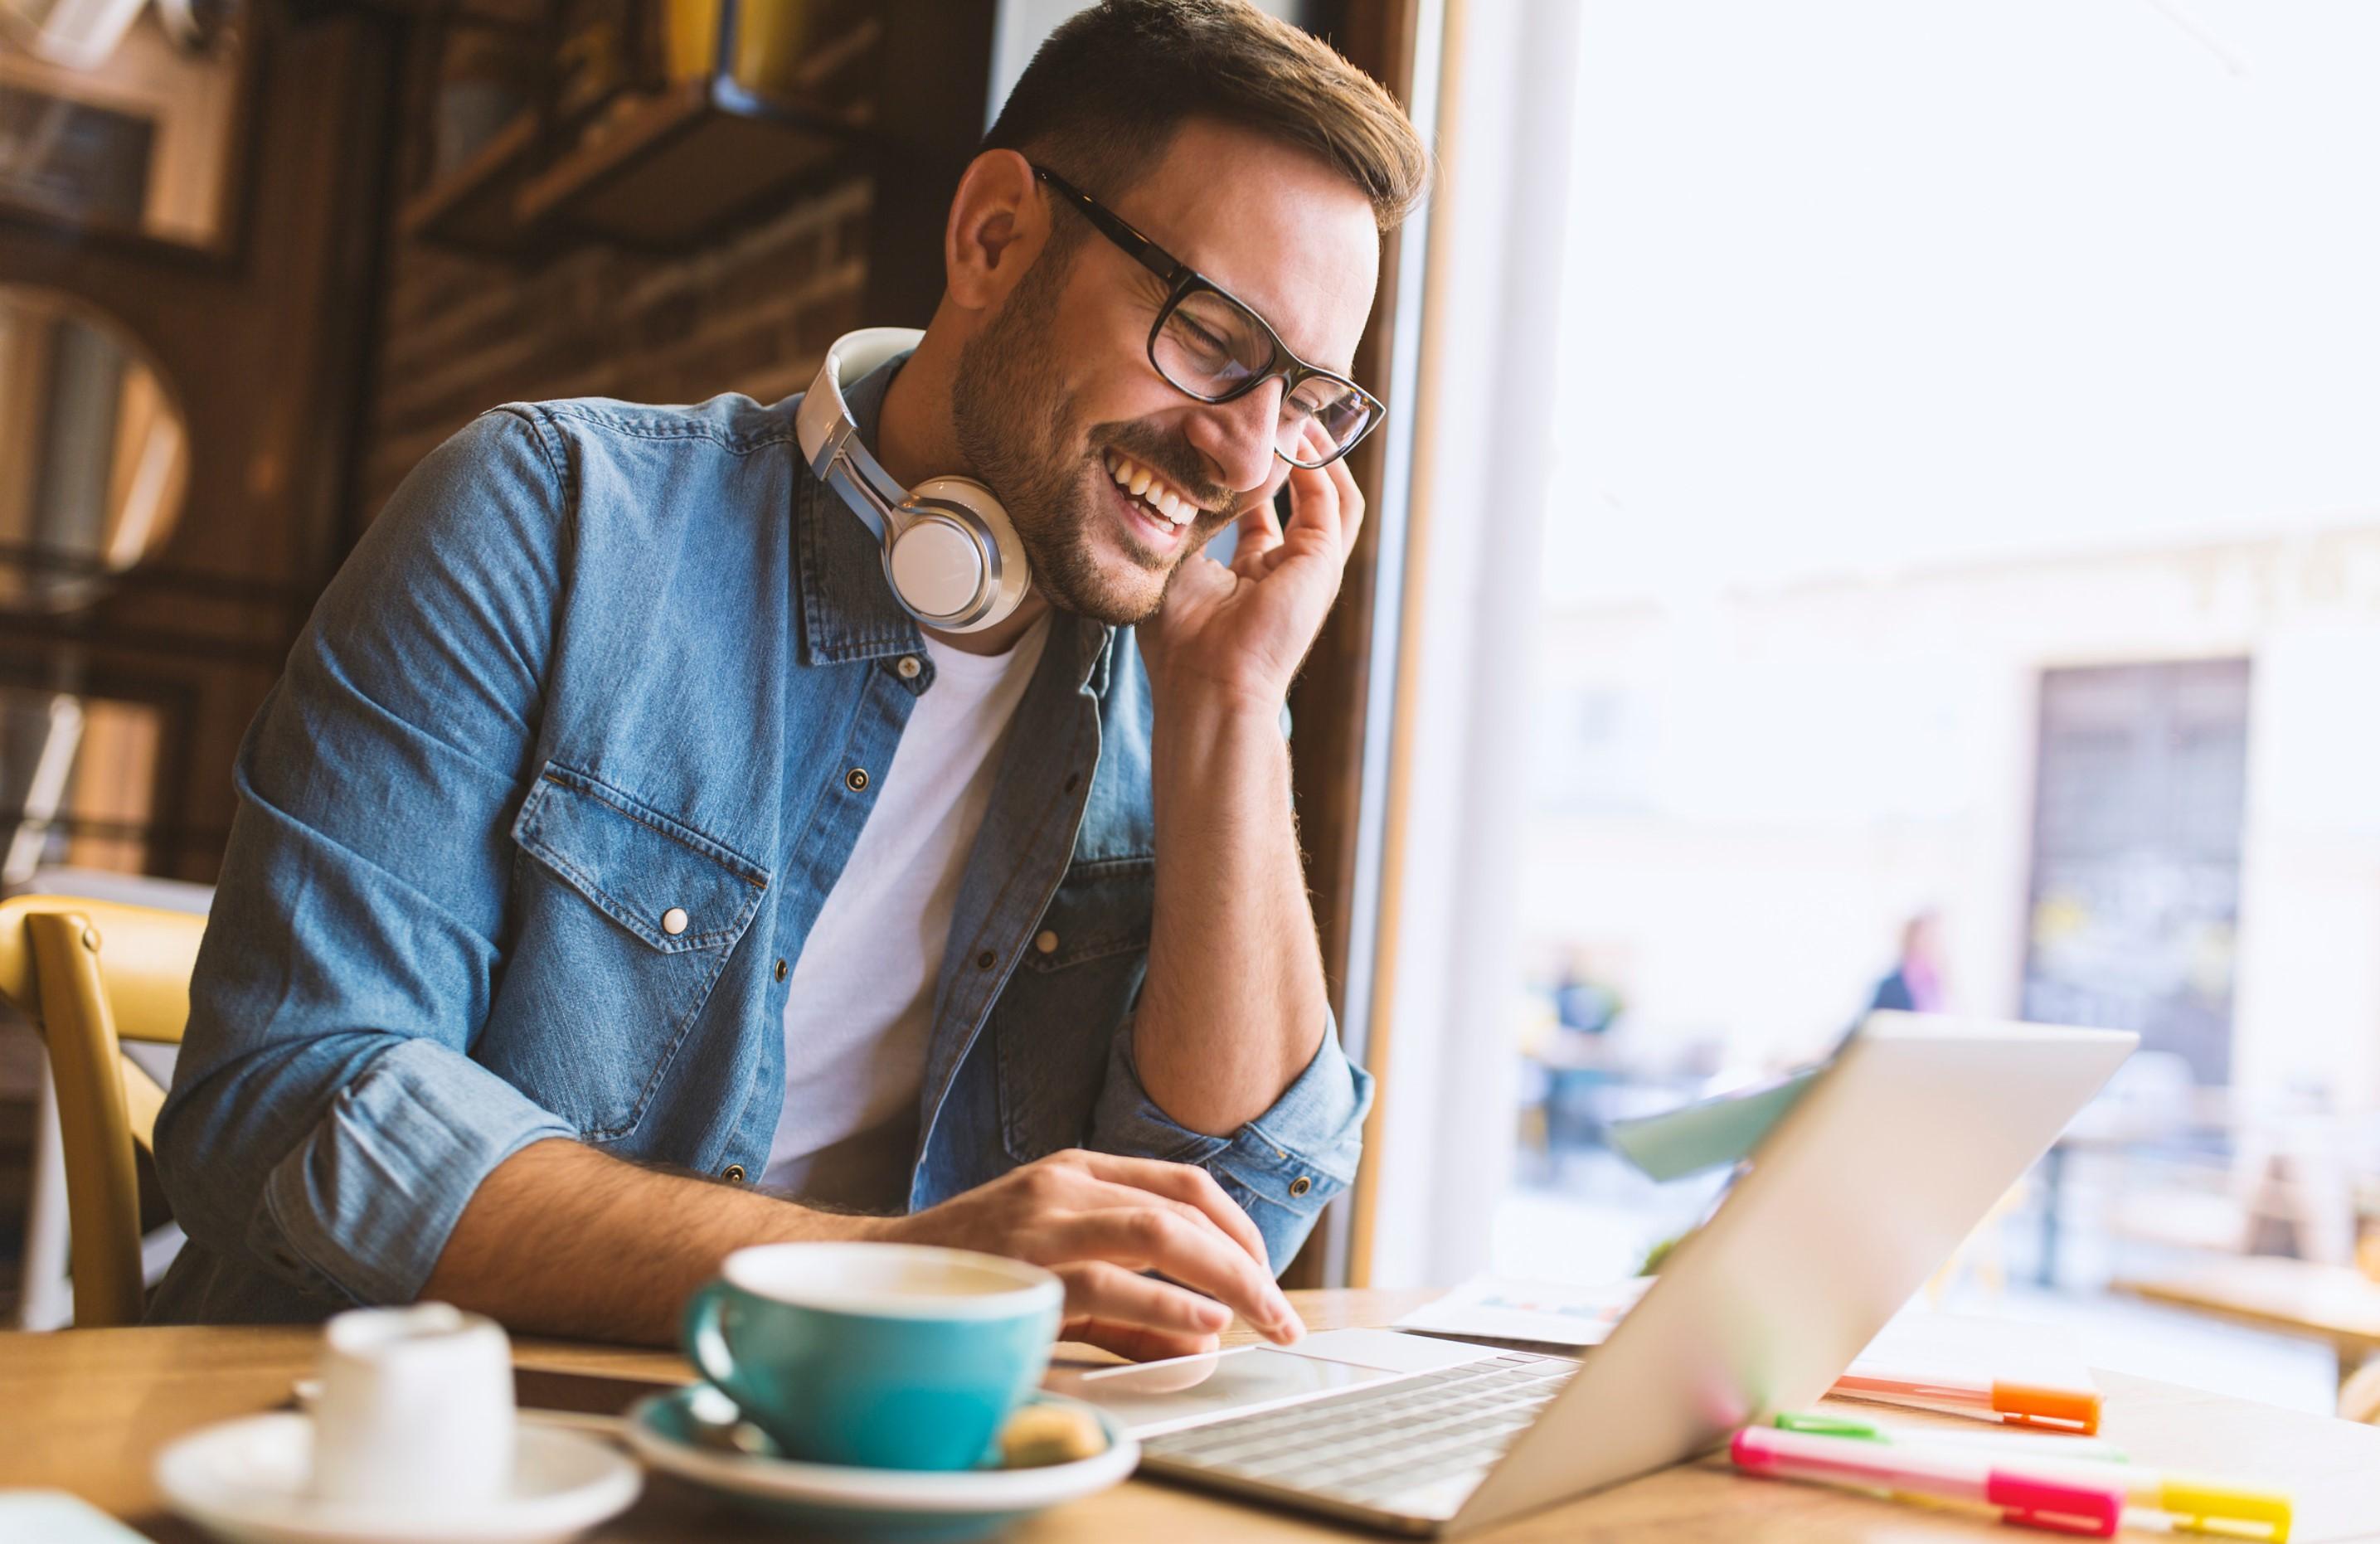 auto-entrepreneur freelance